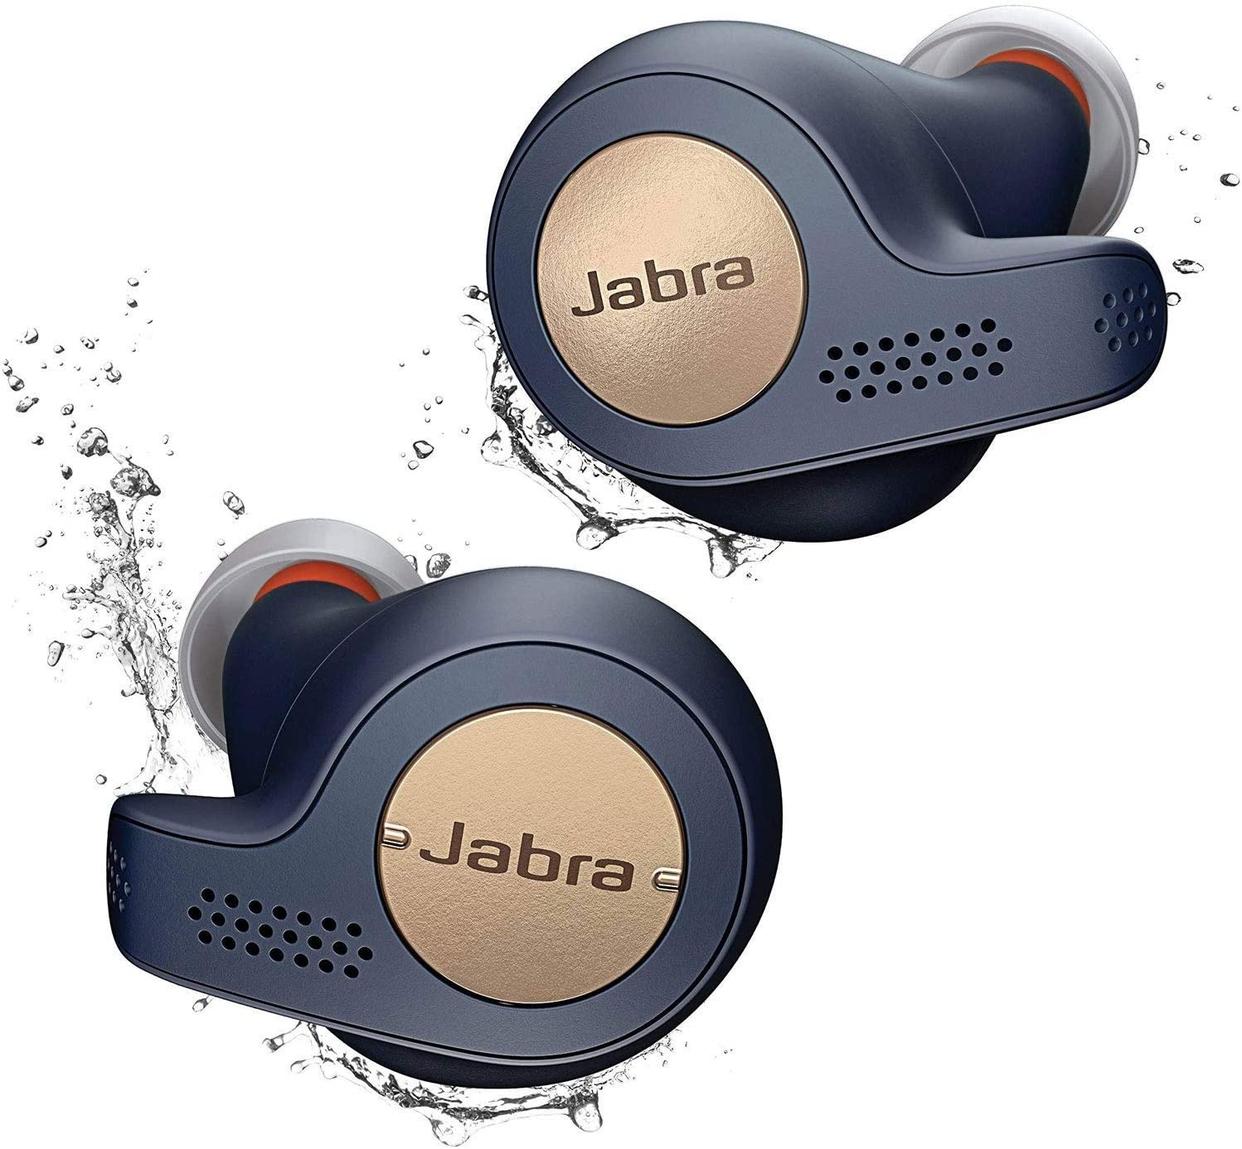 Jabra(ジャブラ) Elite Active 65t 100-99010000-40-Aの商品画像